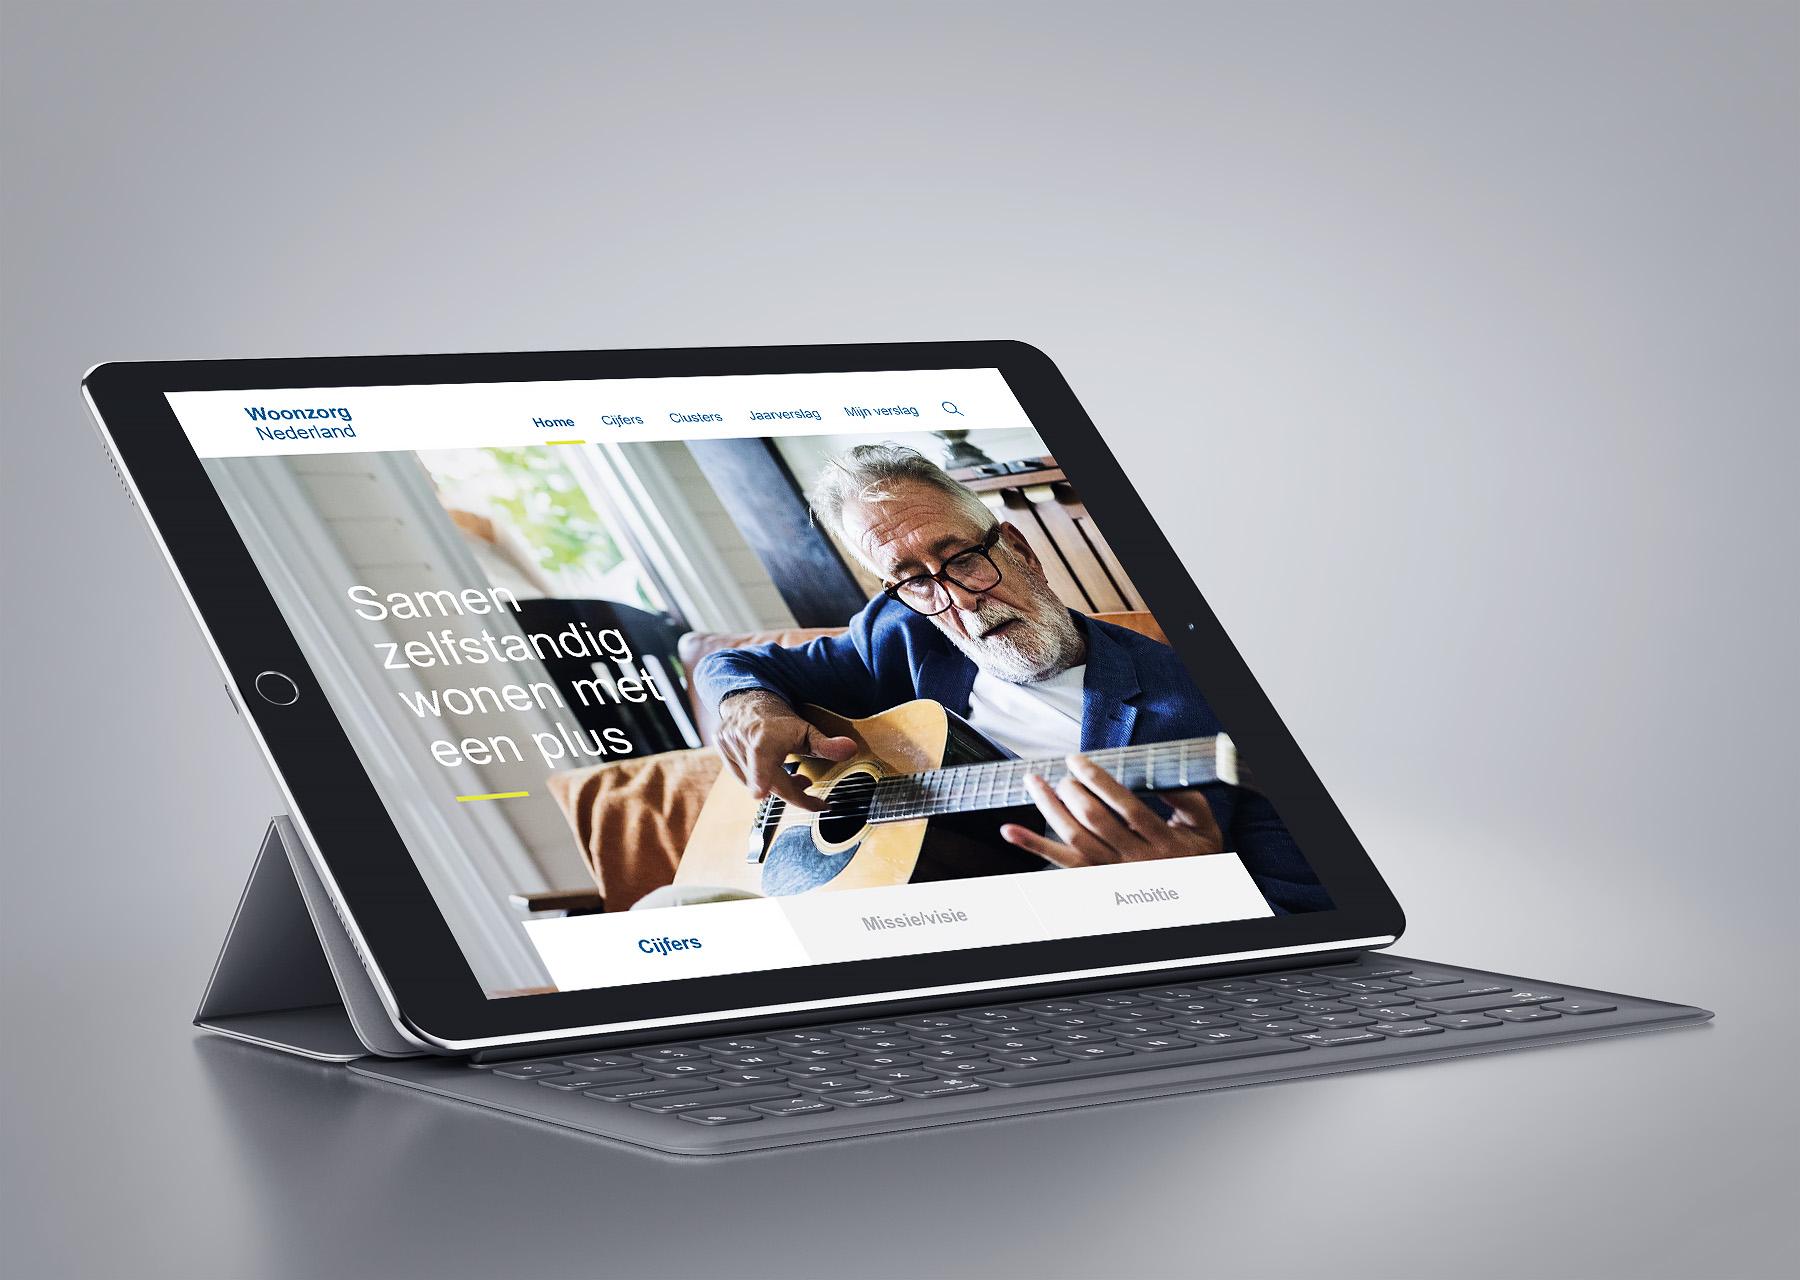 Woonzorg Nederland jaarverslag in tablet mockup